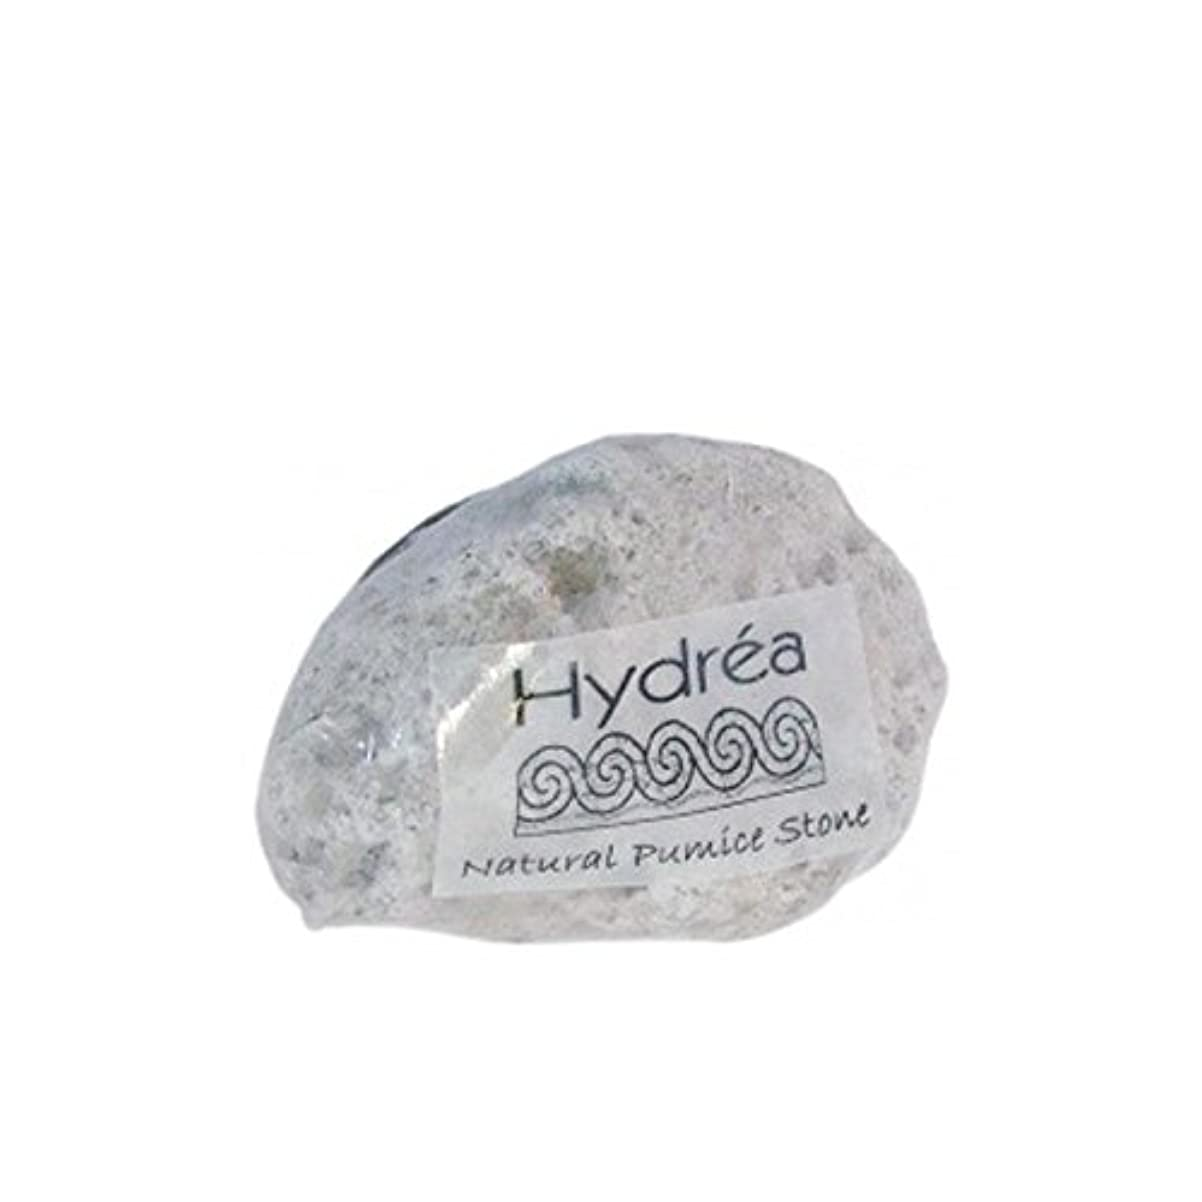 バタフライアナウンサー背骨ハイドレアロンドン - 自然軽石 x2 - Hydrea London - Natural Pumice Stone (Pack of 2) [並行輸入品]